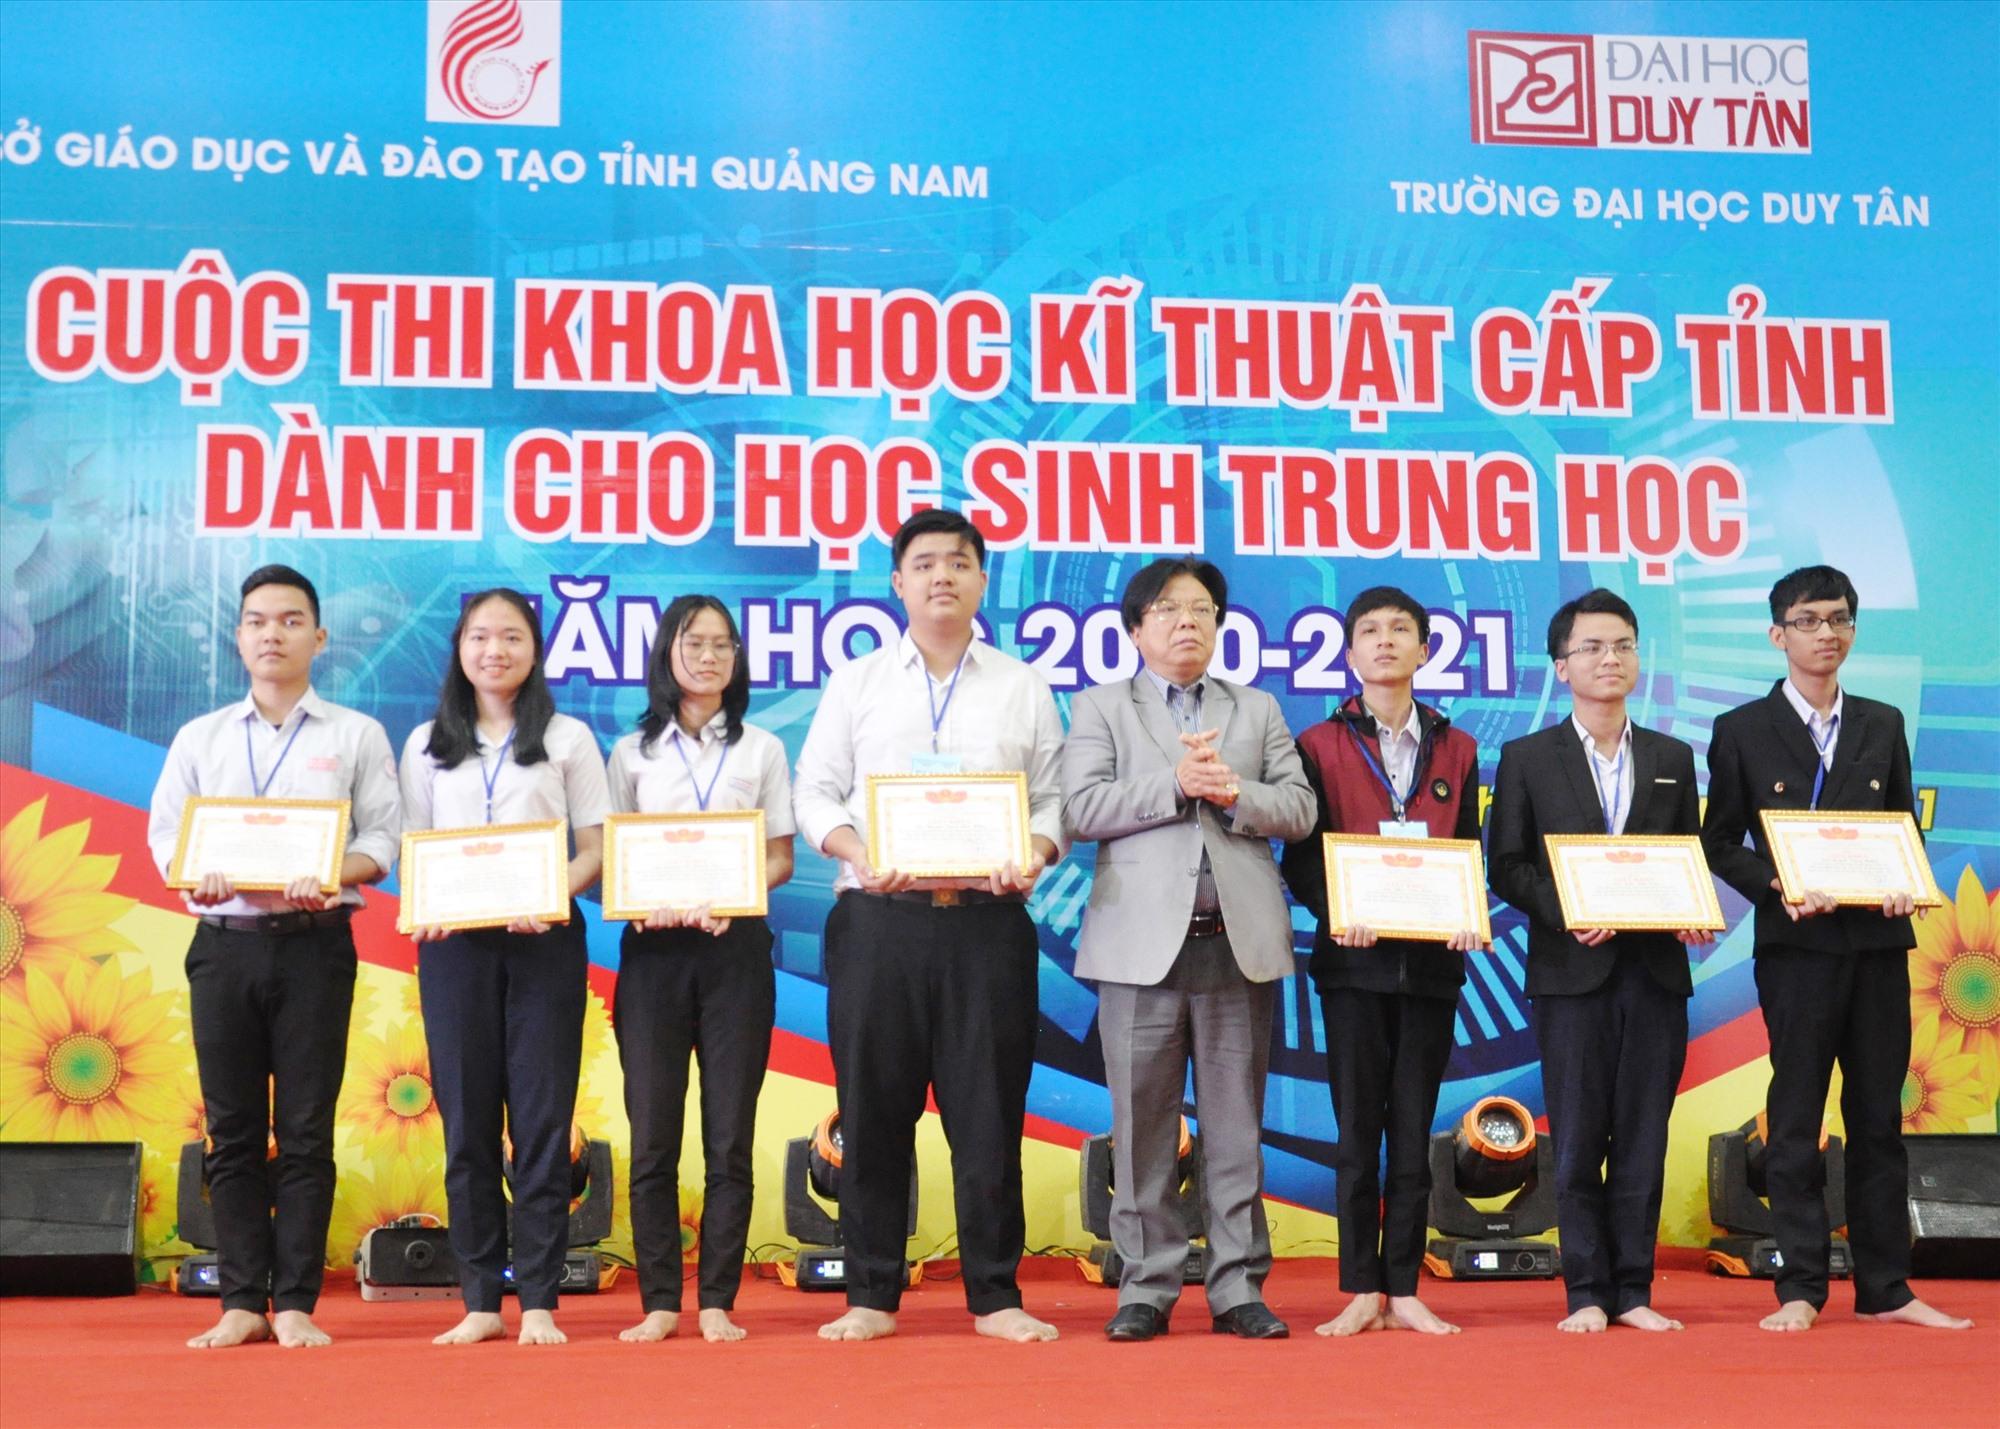 Khen thưởng 7 học sinh xuất sắc giành giải nhất cuộc thi. Ảnh: X.P